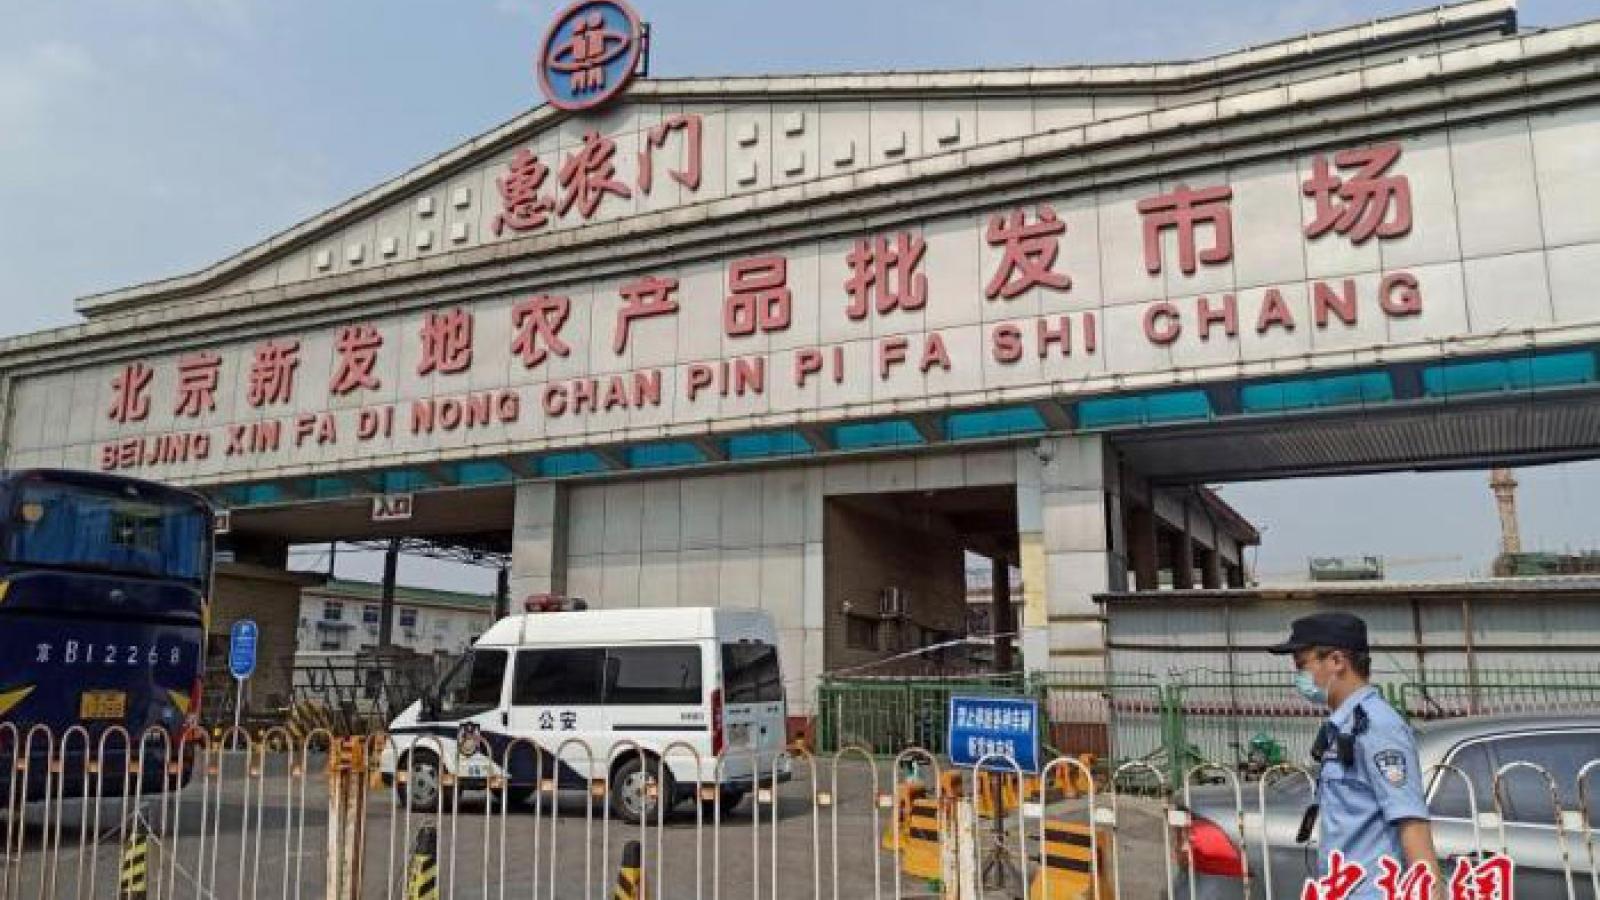 Bắc Kinh thêm 36 ca mắc Covid-19, quận Phong Đài trong tình trạng khẩn cấp